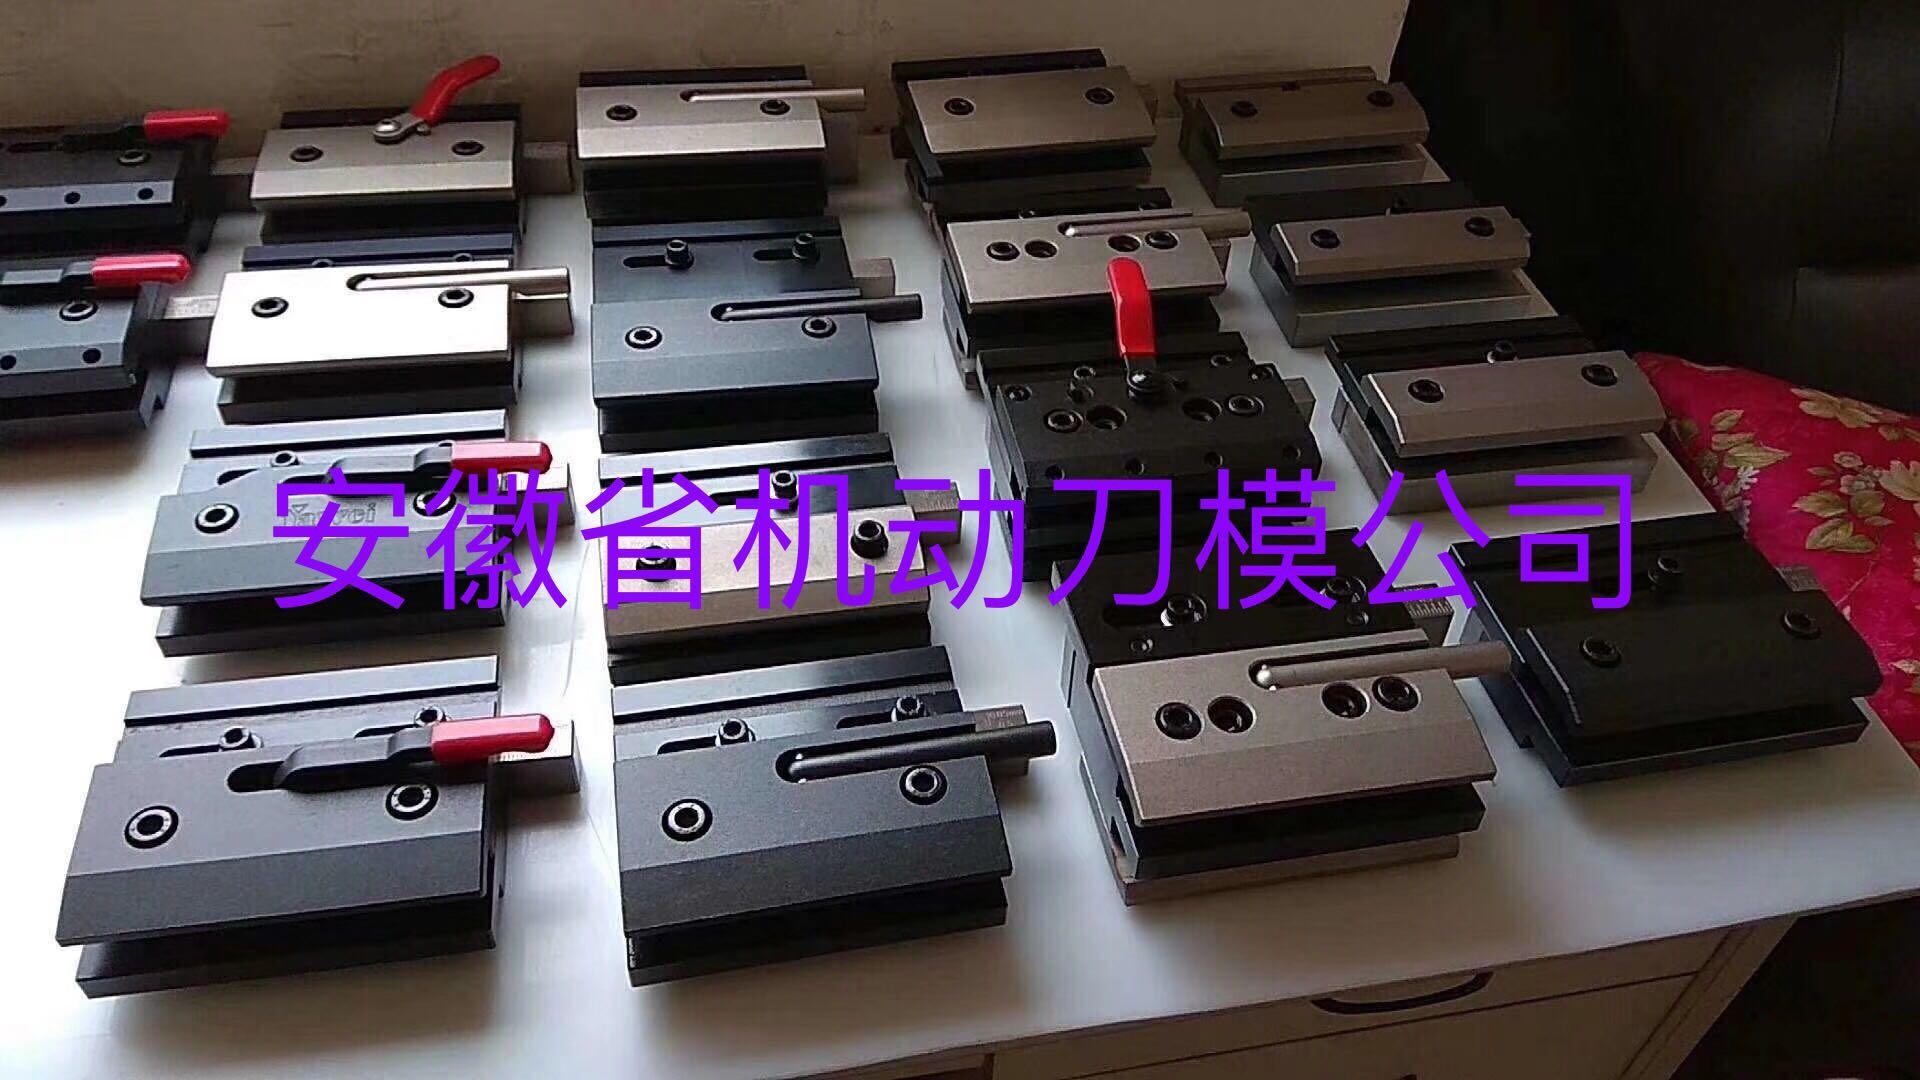 模具夹块,标准可直接供货,非标可以定制,欢迎订购,质量保证 折弯机模具夹块